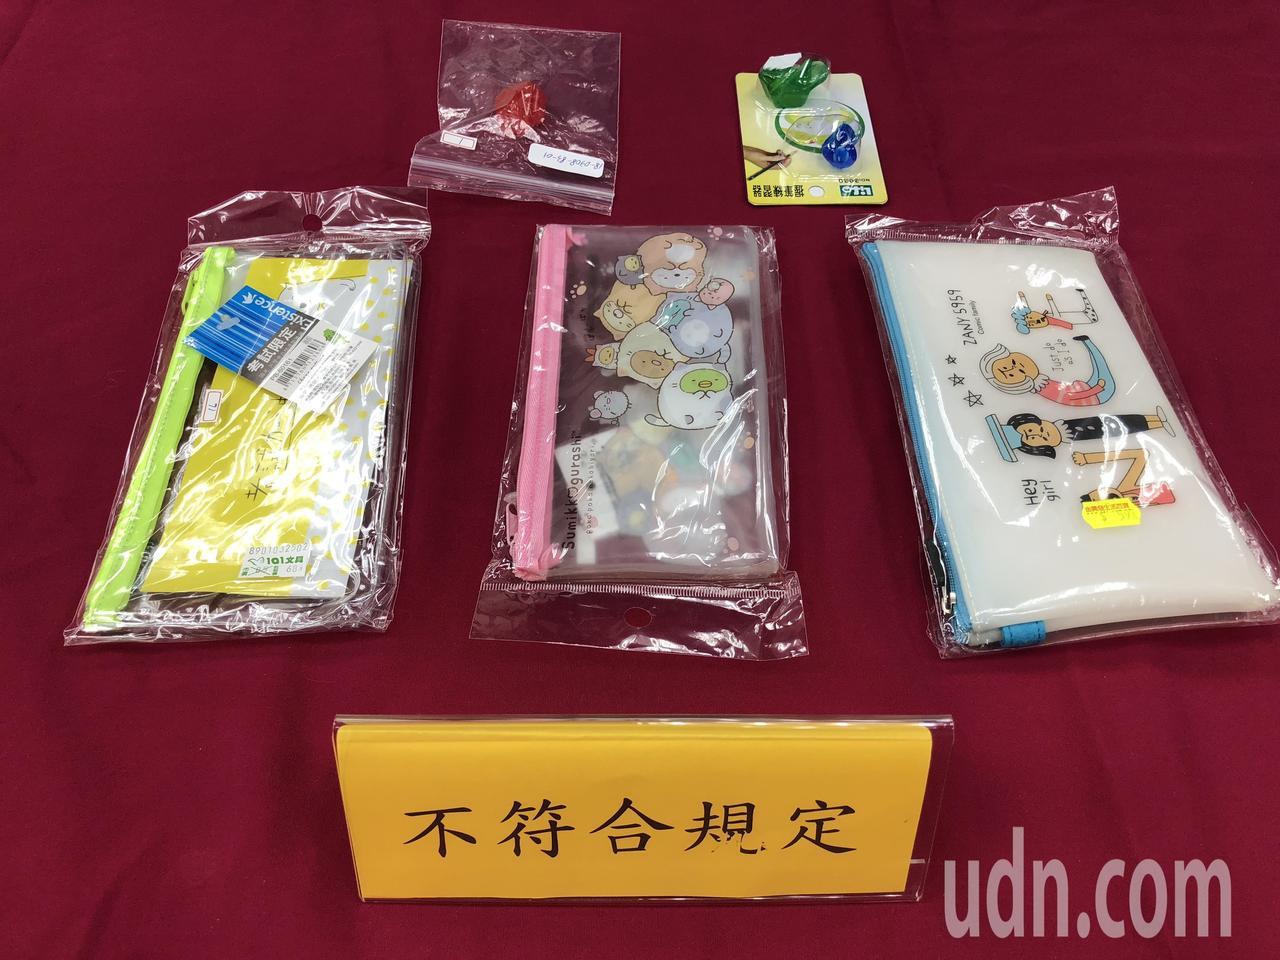 消基會抽查發現市面上販售的學童文具用品,有2款握筆器、3款筆袋的塑化劑含標超標。...